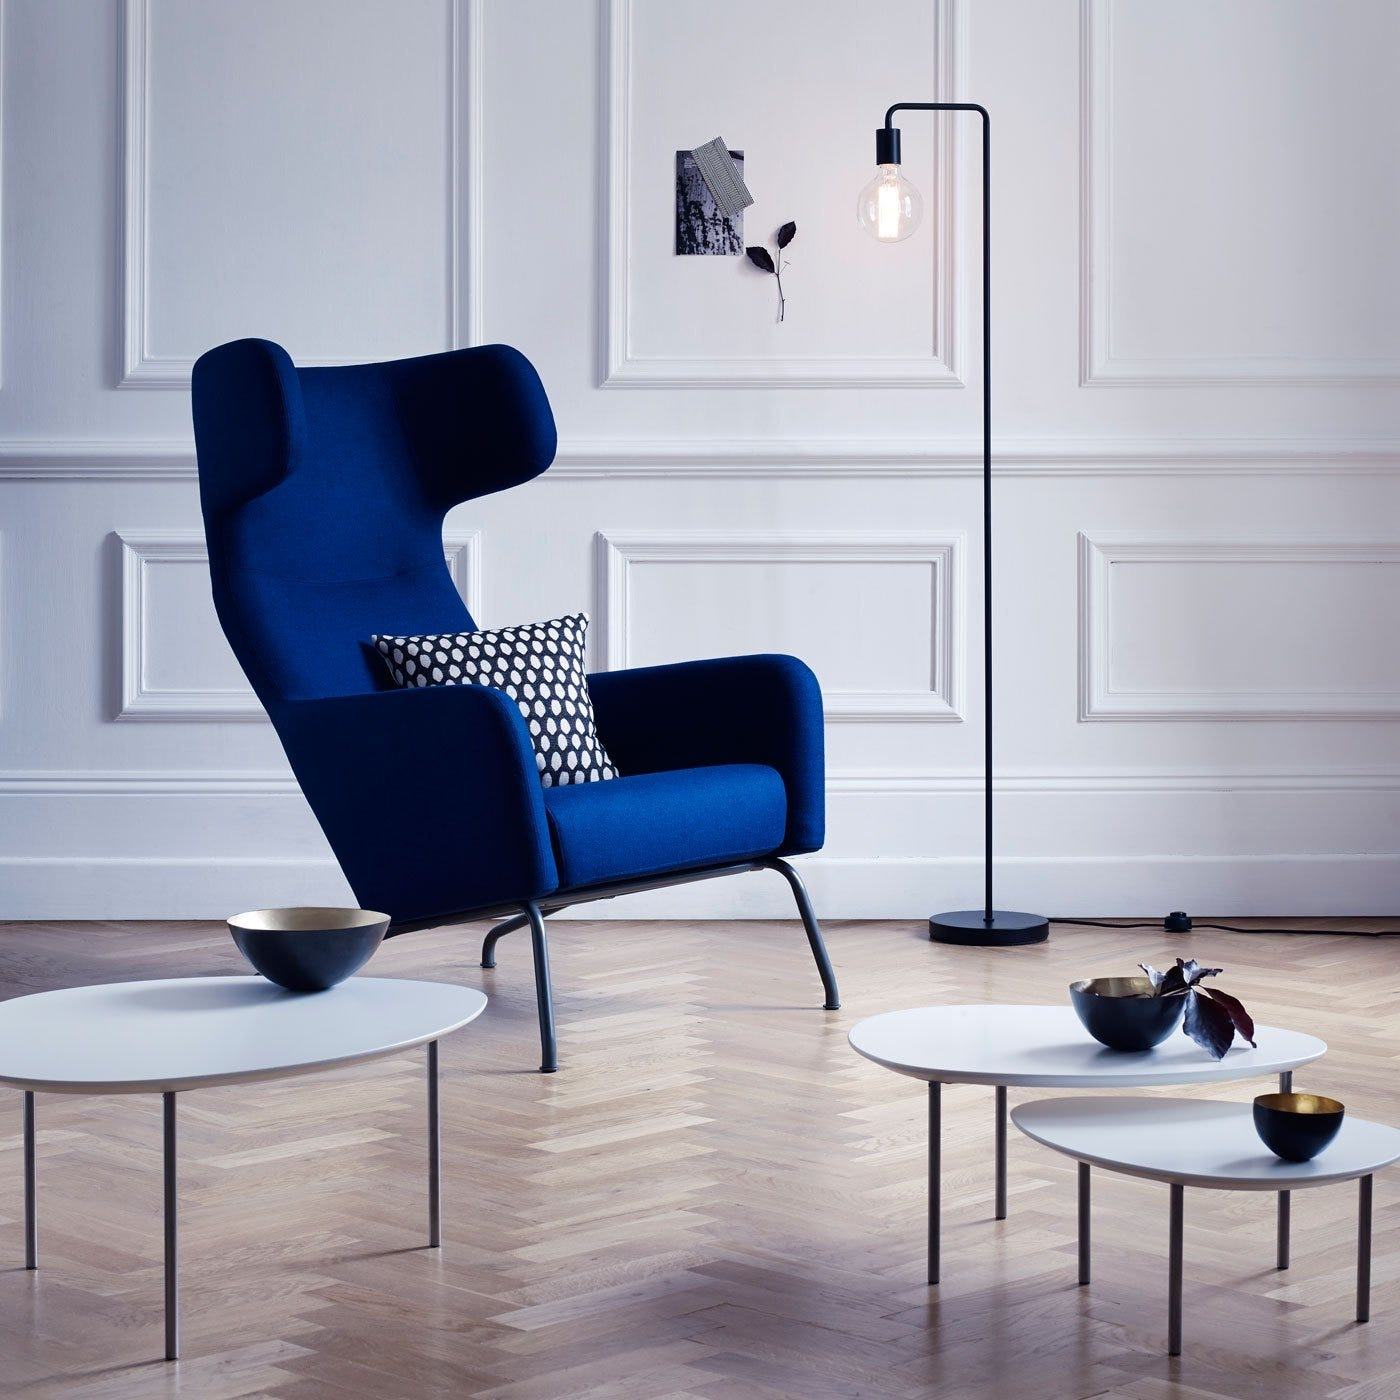 Merveilleux Forum Wing Chair